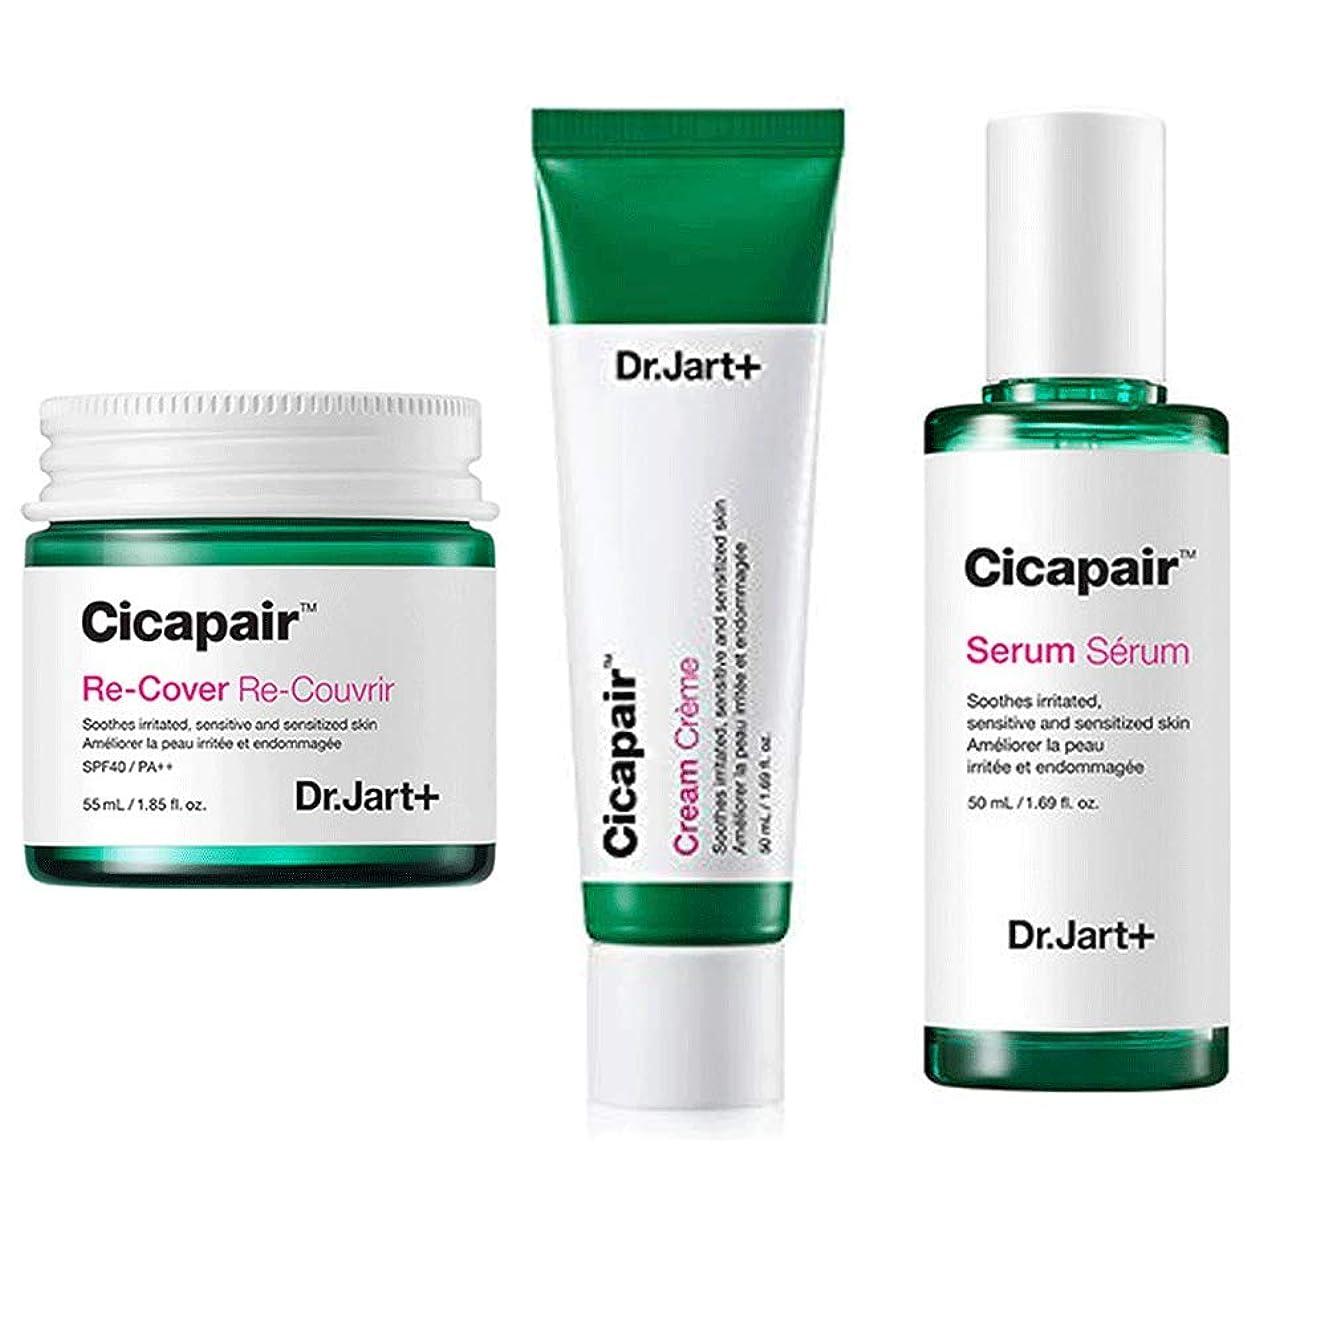 プロフェッショナル子無知Dr.Jart+ Cicapair Cream + ReCover + Serum ドクタージャルトシカペアクリーム50ml + リカバー 55ml + セラム 50ml(2代目) セット [並行輸入品]